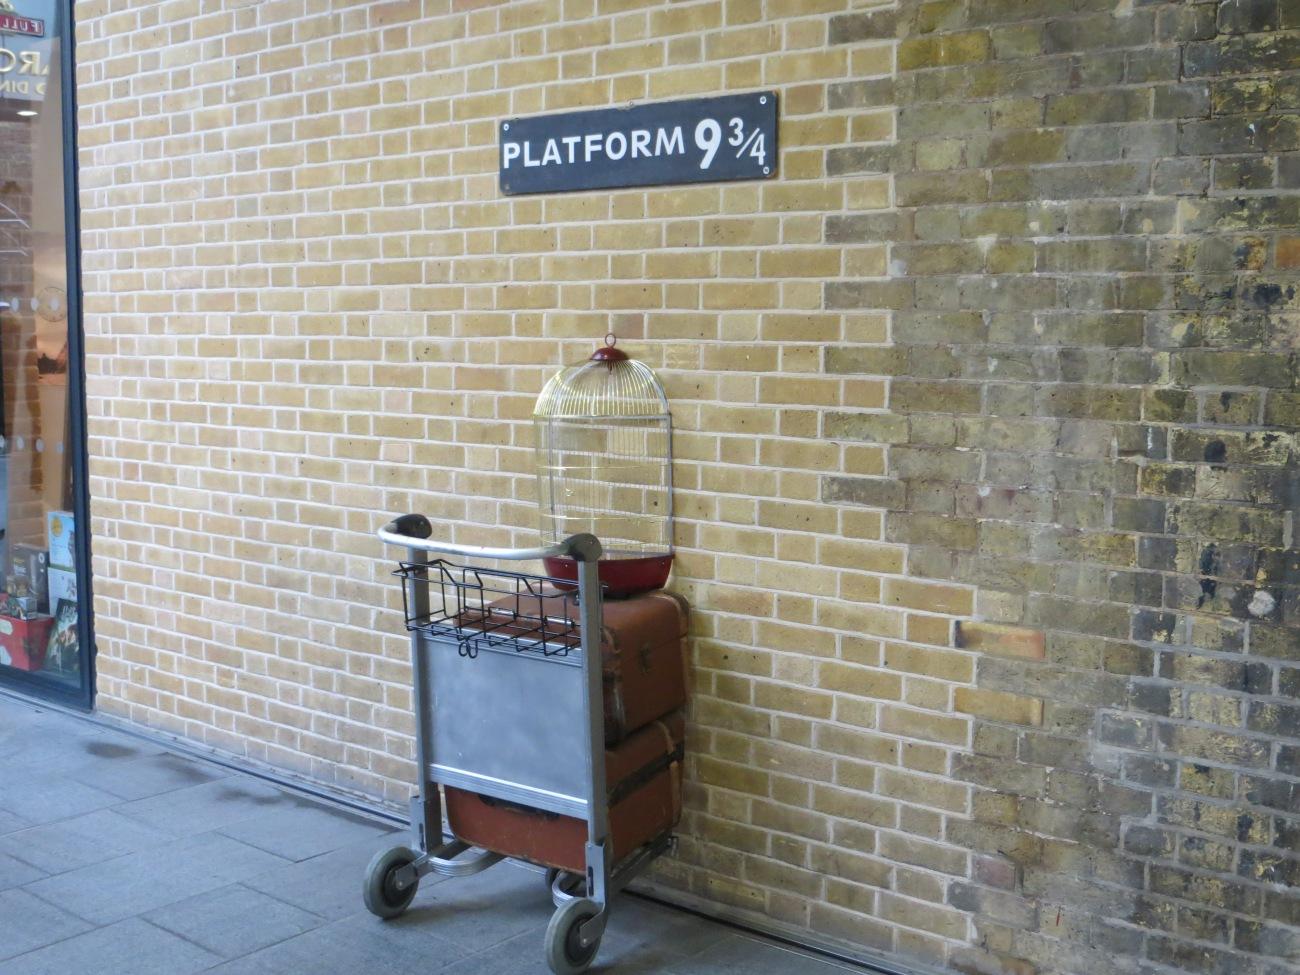 La Plataforma 9 de la estación de King's Cross, en Londres, representando la mítica escena de Harry Potter